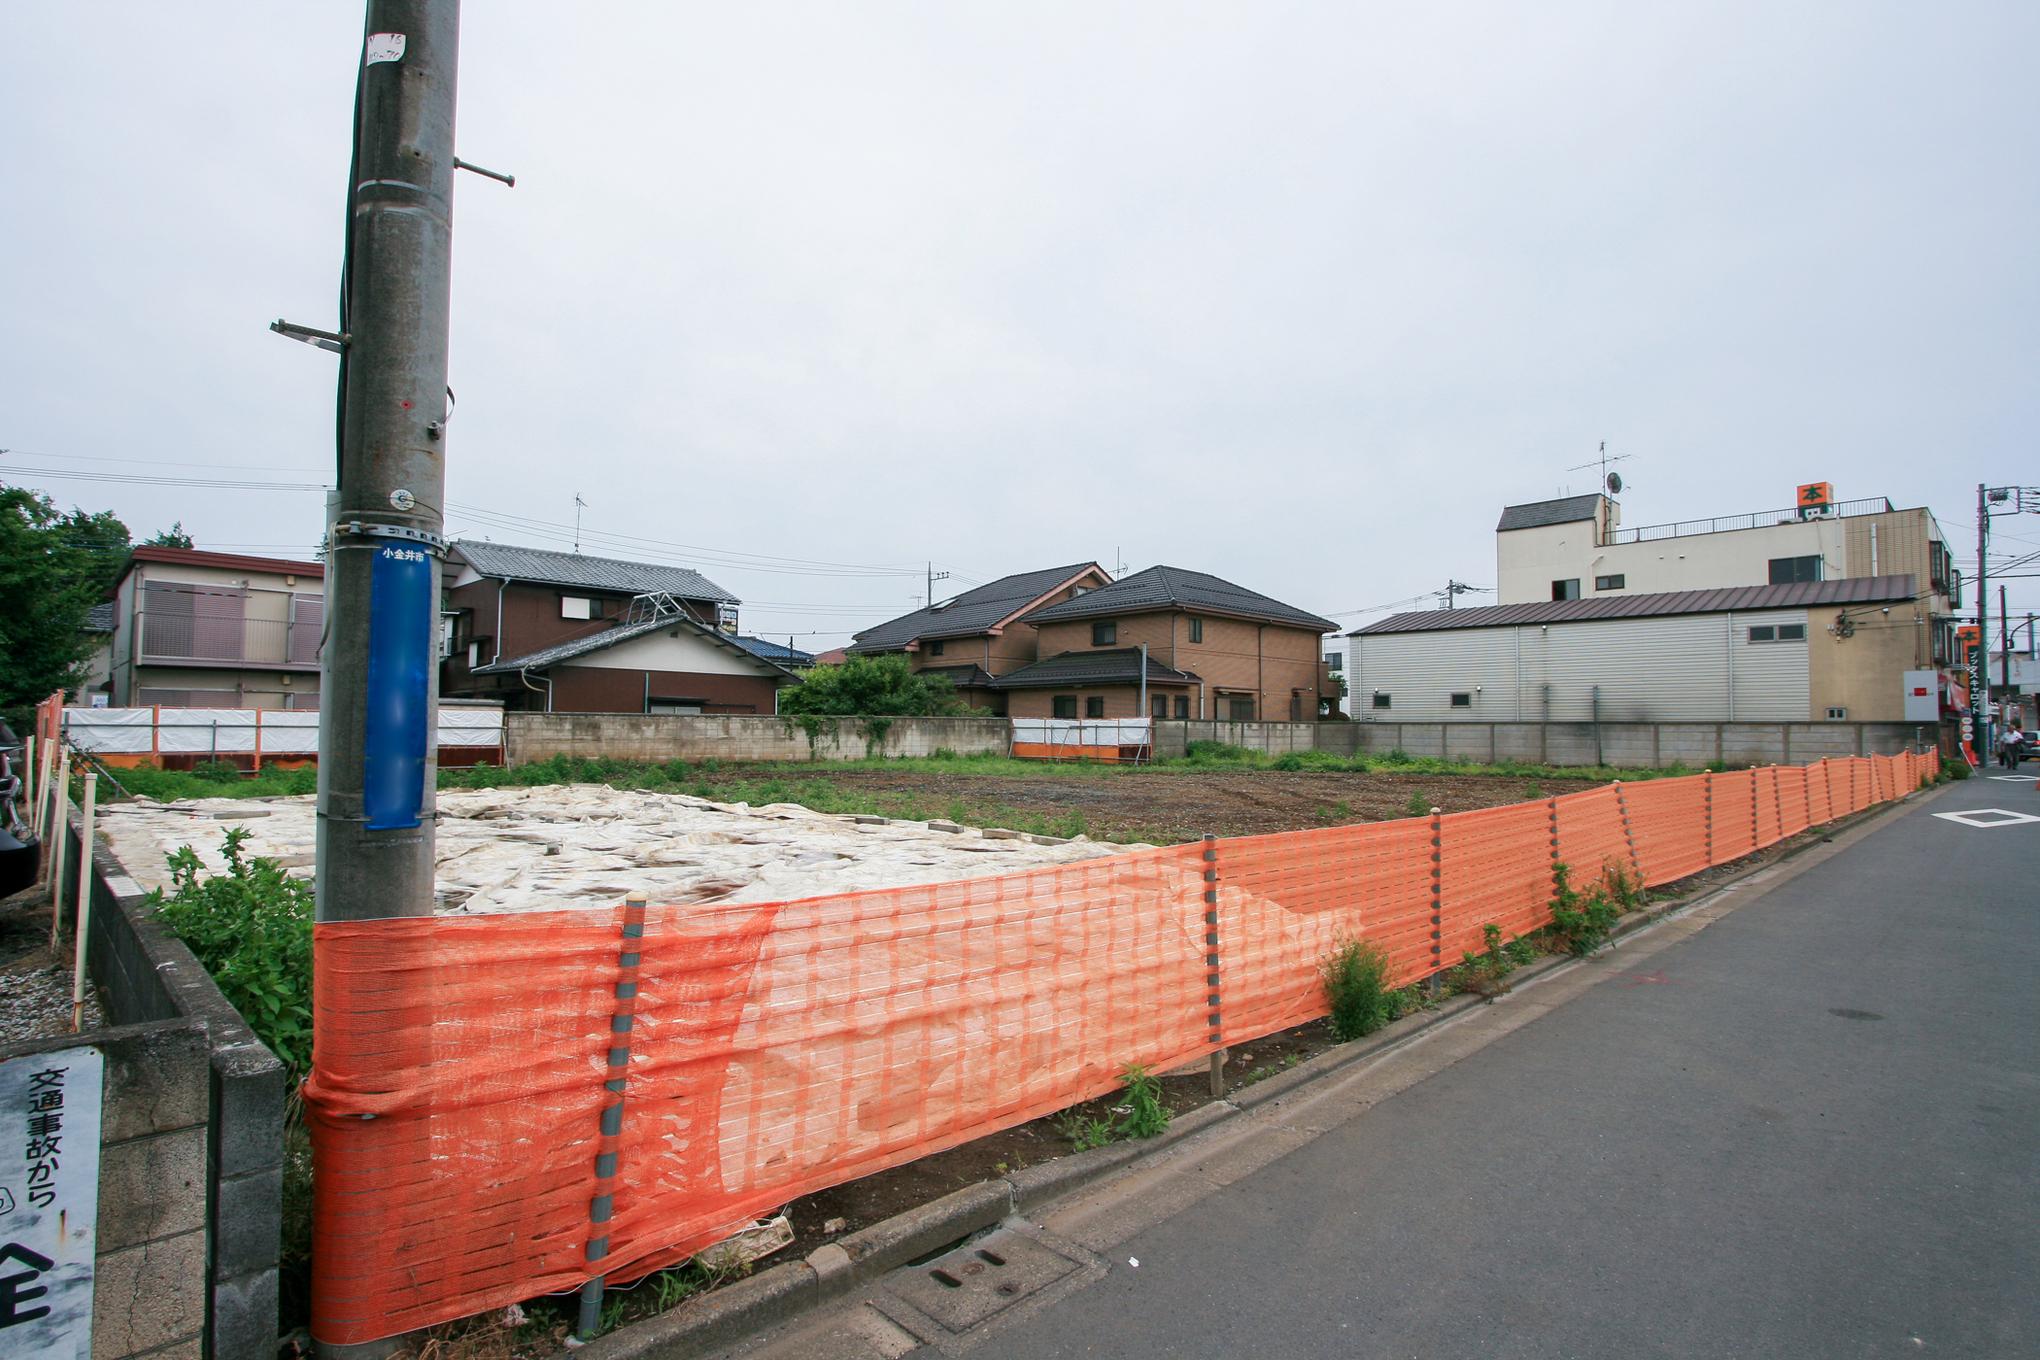 f:id:akichiniiko:20200720201425j:plain